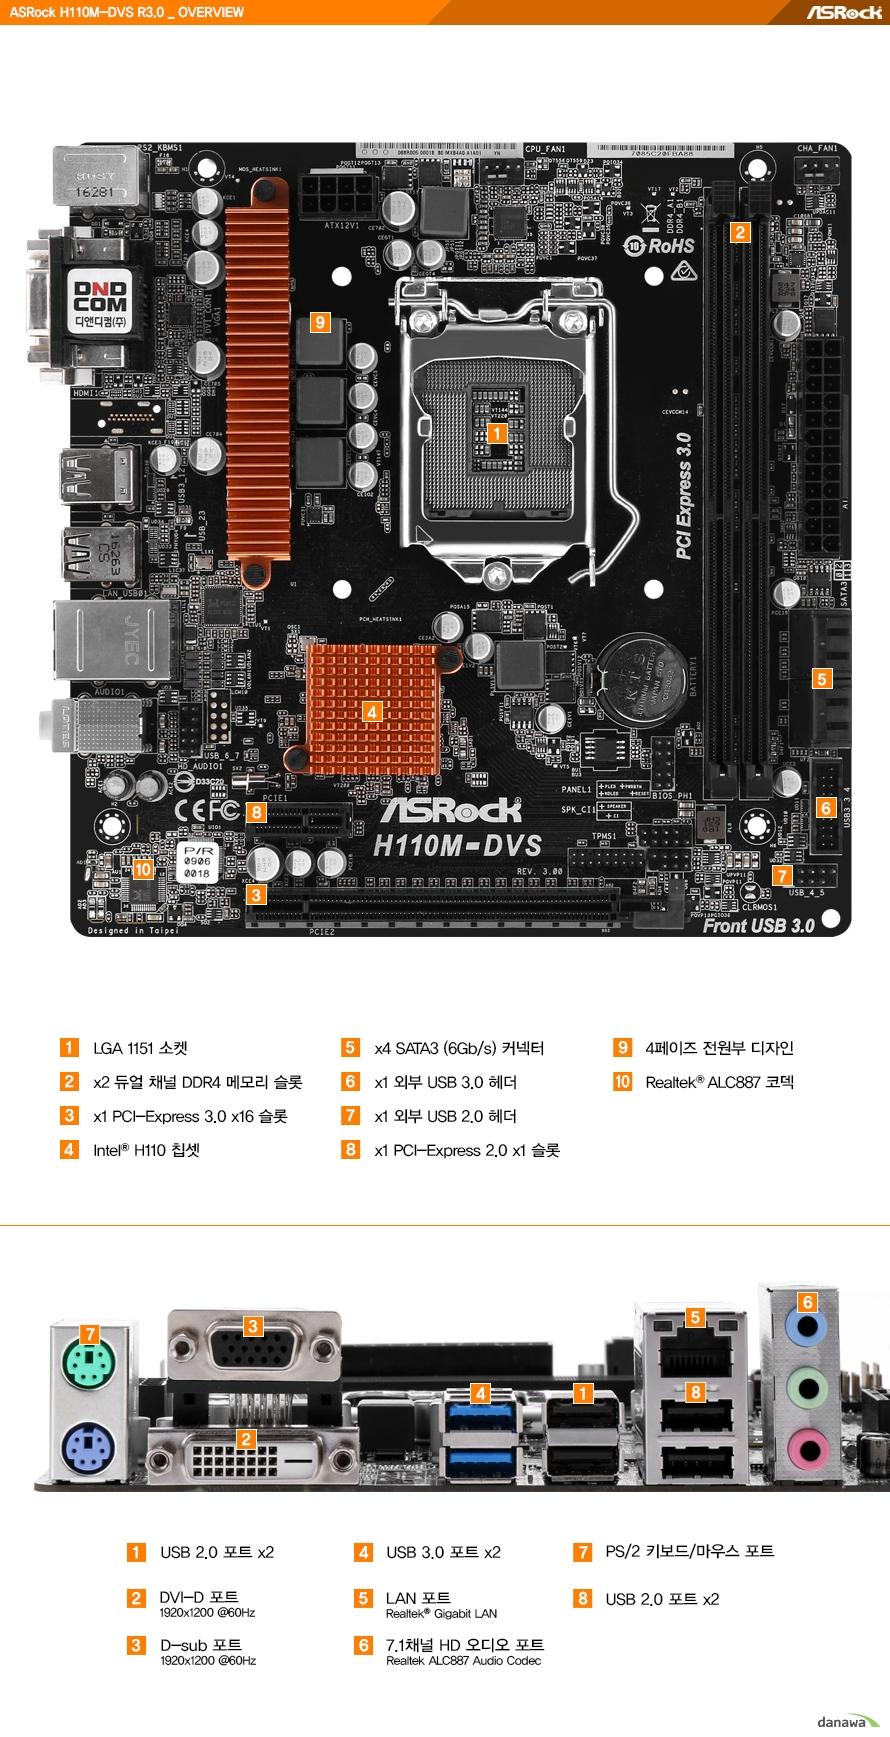 온보드 디테일LGA 1151소켓듀얼 채널 DDR4 메모리 슬롯 2개PCIE 3.0 16배속 슬롯 1개인텔 H110칩셋SATA3 커넥터 4개외부 USB 3.0헤더 1개외부 USB 2.0헤더 1개PCIE 2.0 1배속 슬롯 1개4페이즈 전원부 디자인리얼텍 ALC887 코덱백패널 디테일USB 2.0포트 4개DVI D 포트 최대 해상도 1920 1200 주사율 60헤르츠 지원D SUB 포트 최대 해상도 1920 1200 주사율 60헤르츠 지원USB 3.0 포트 2개기가비트 LAN 포트7.1 채널 HD 오디오 포트PS 2 키보드 및 마우스 포트